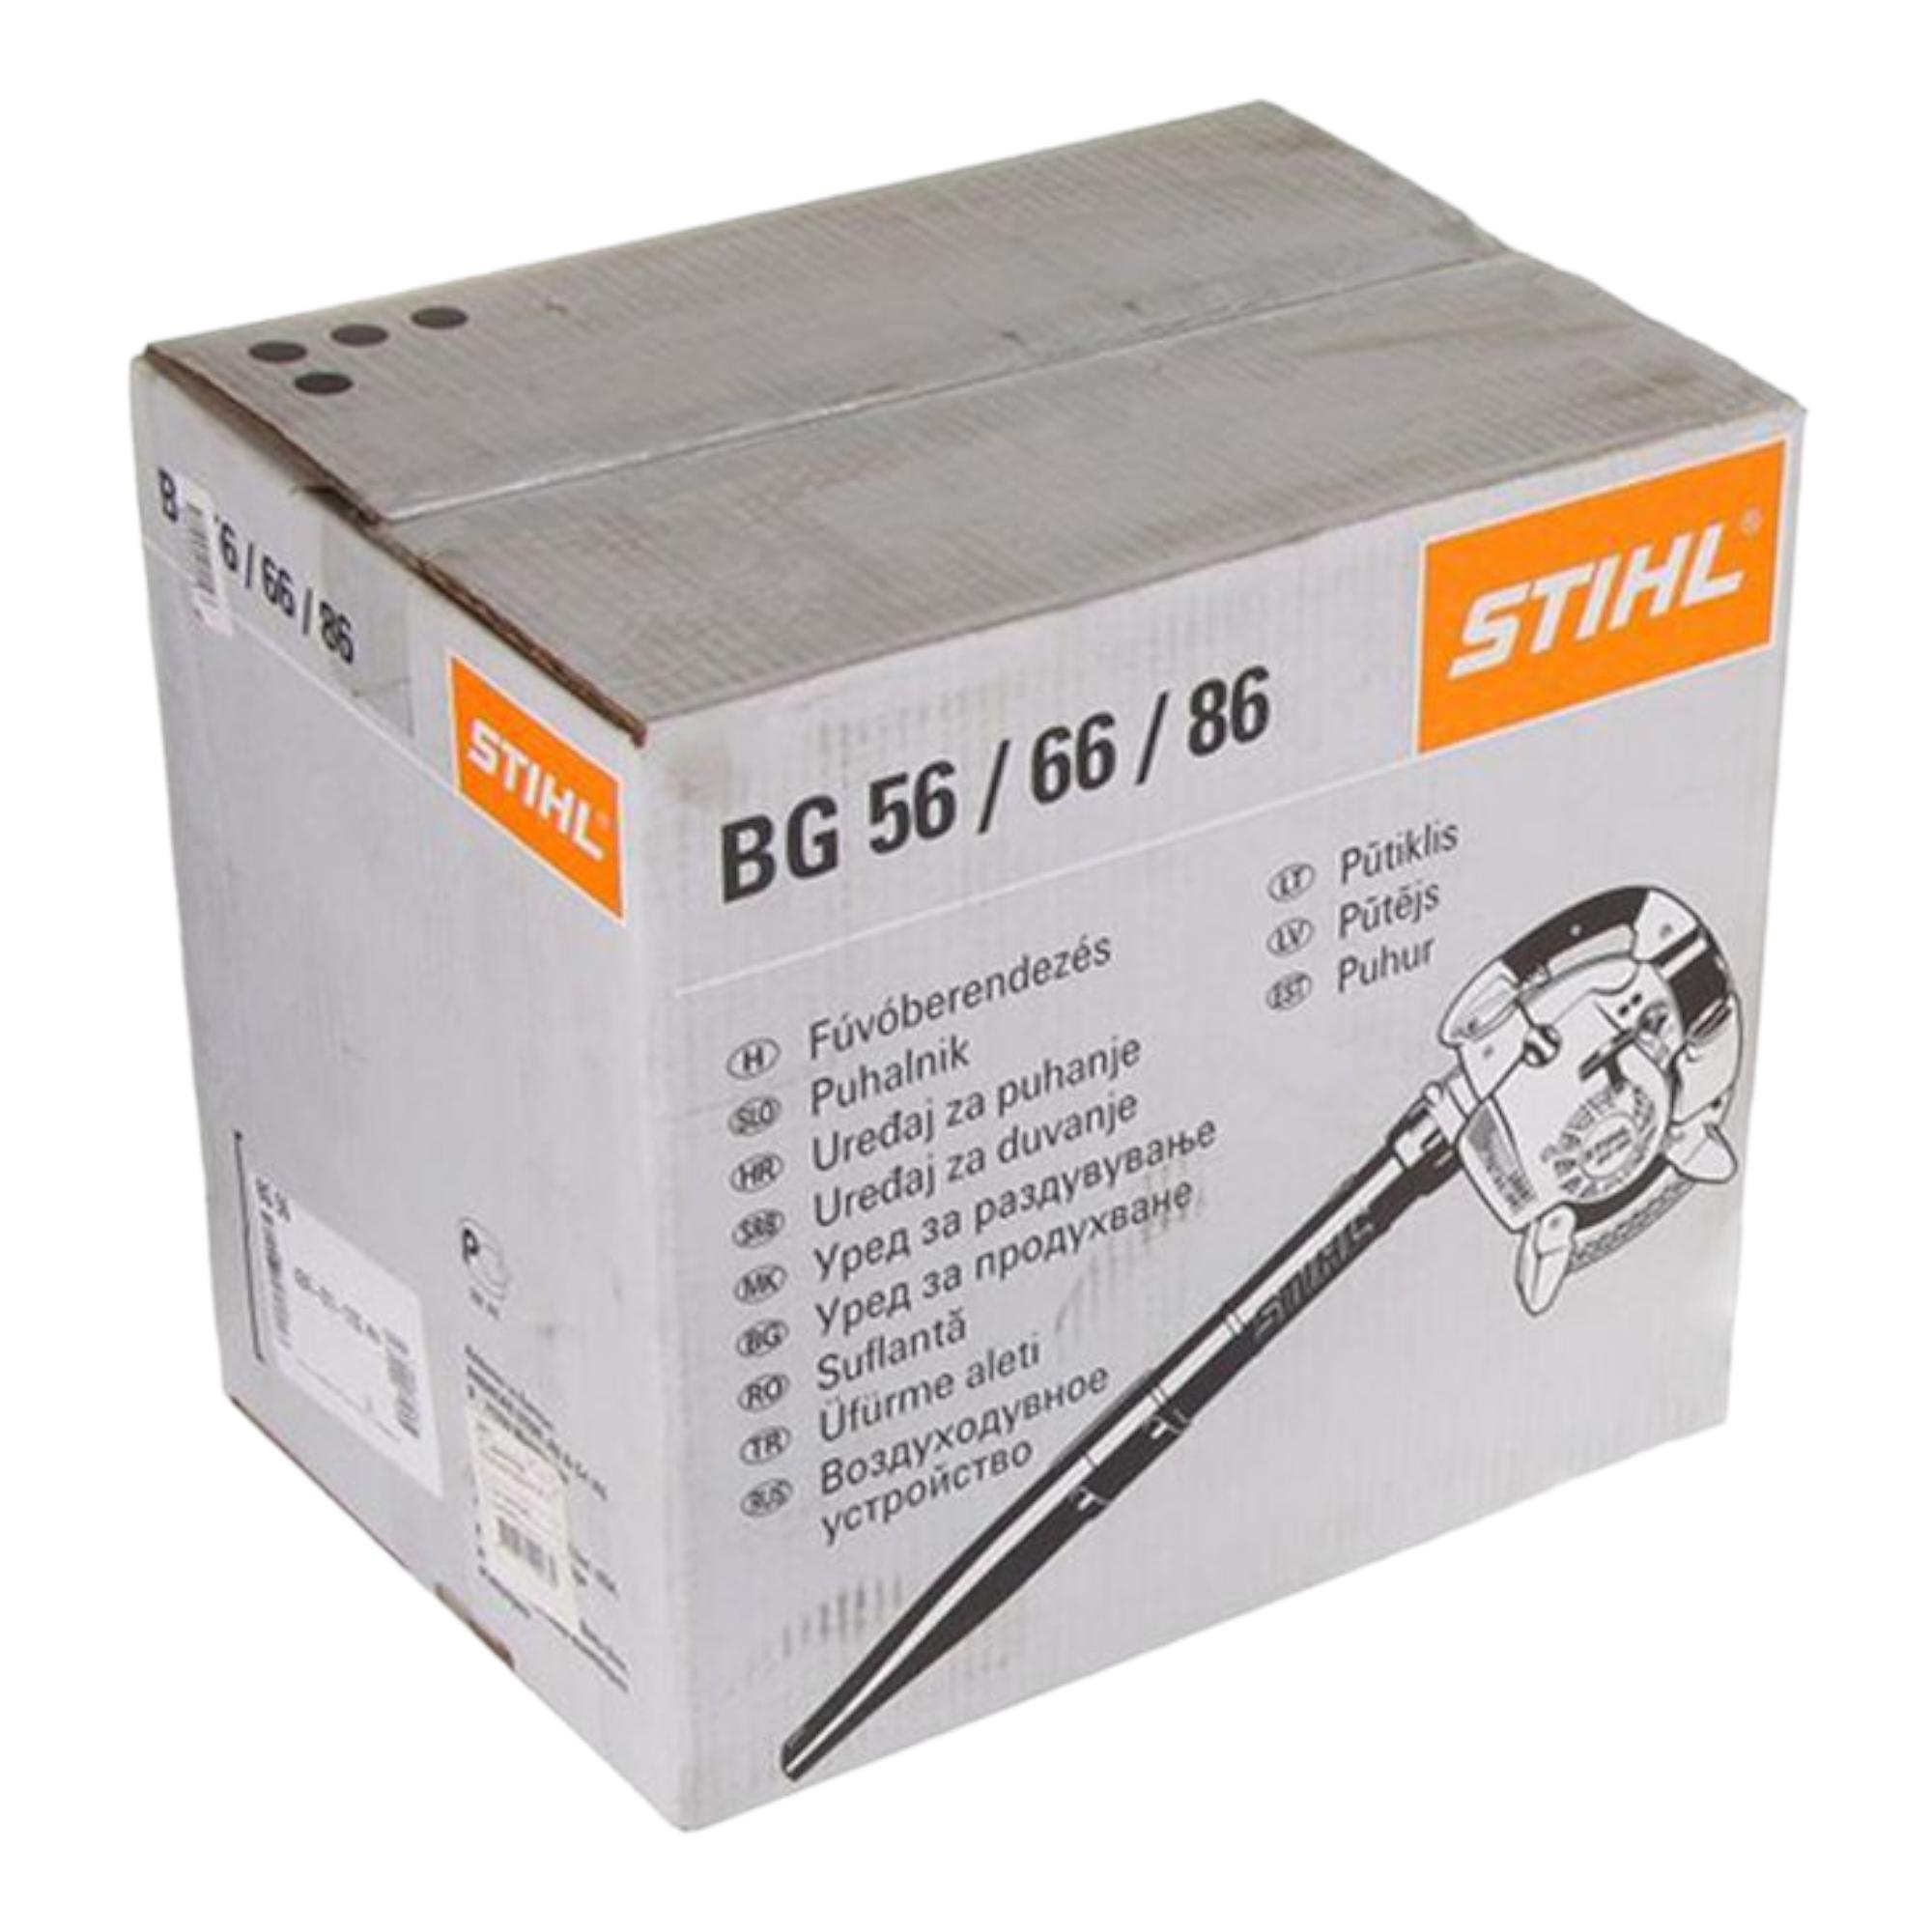 stihl gebläse bg 56 handlicher laubbläser 0,7 kw - werkzeugbedarf24.de